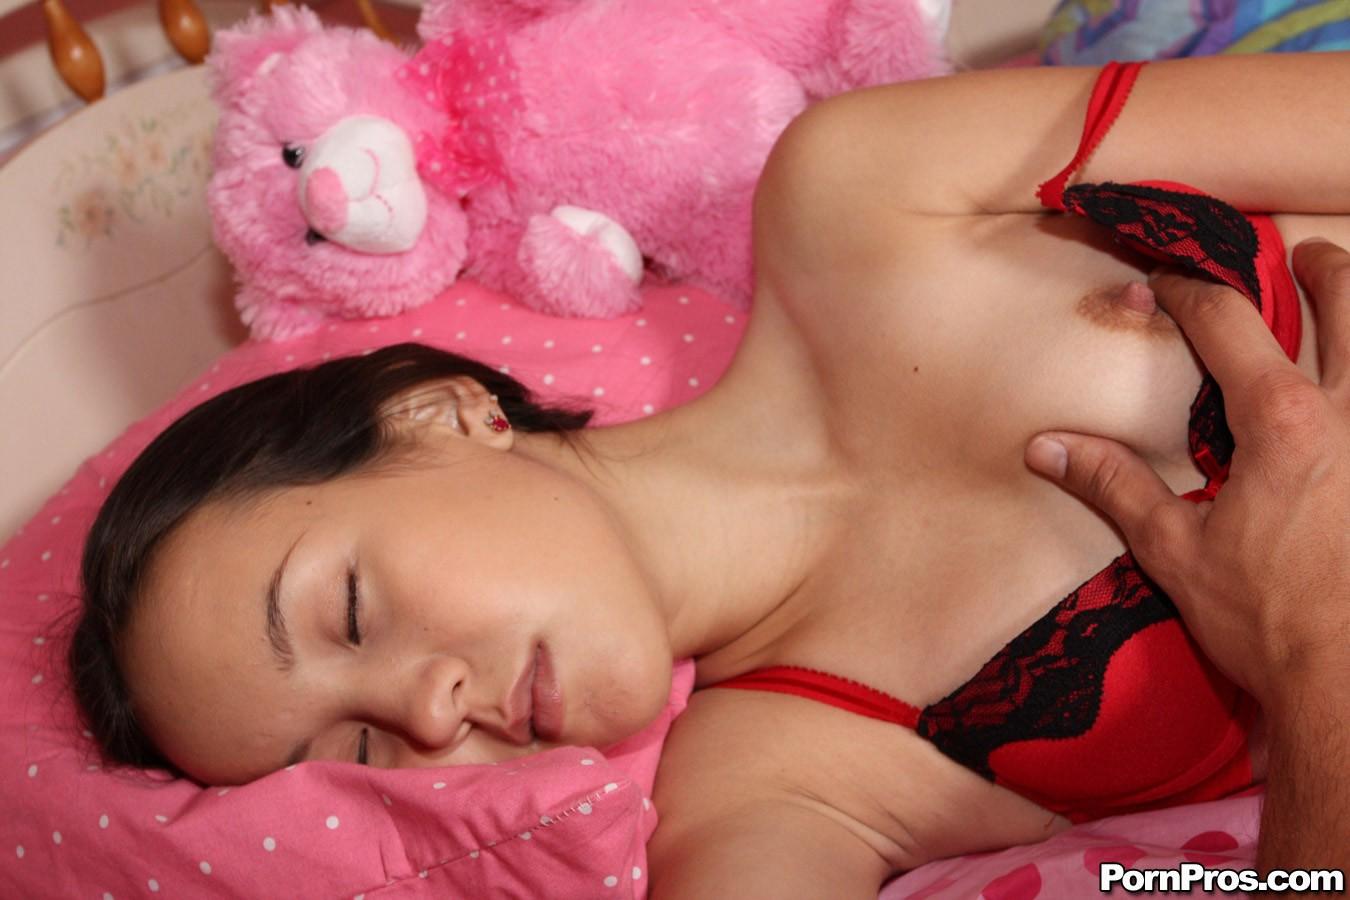 full nude xxx videos